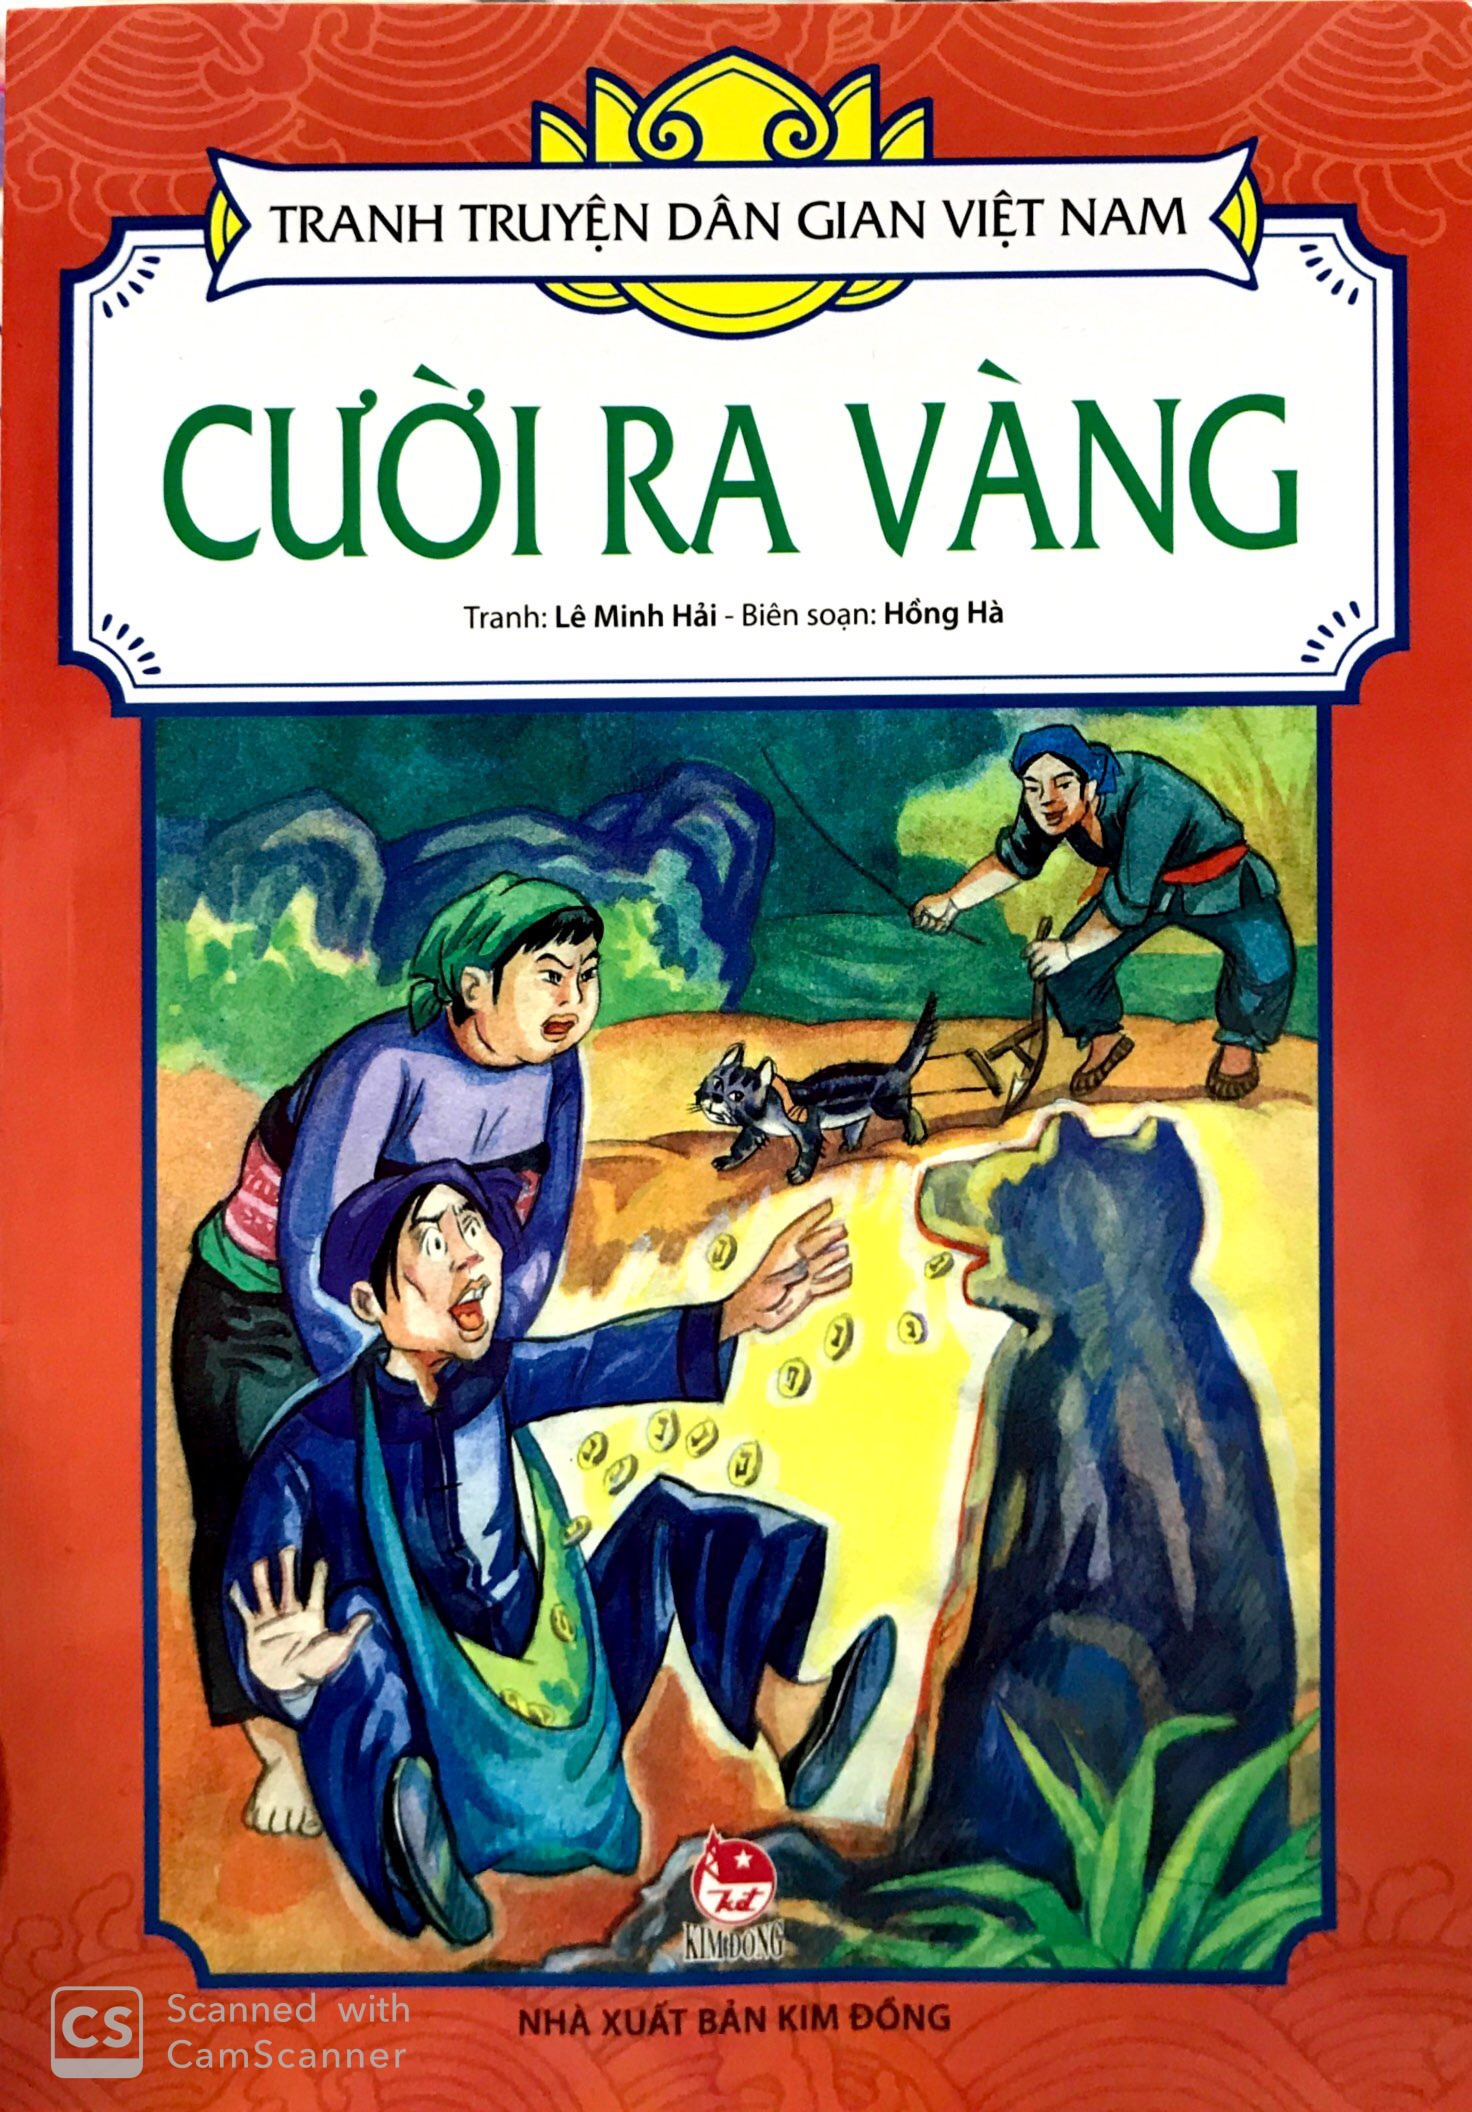 Sách Tranh Truyện Dân Gian Việt Nam: Cười Ra Vàng (Tái Bản 2019) -  FAHASA.COM